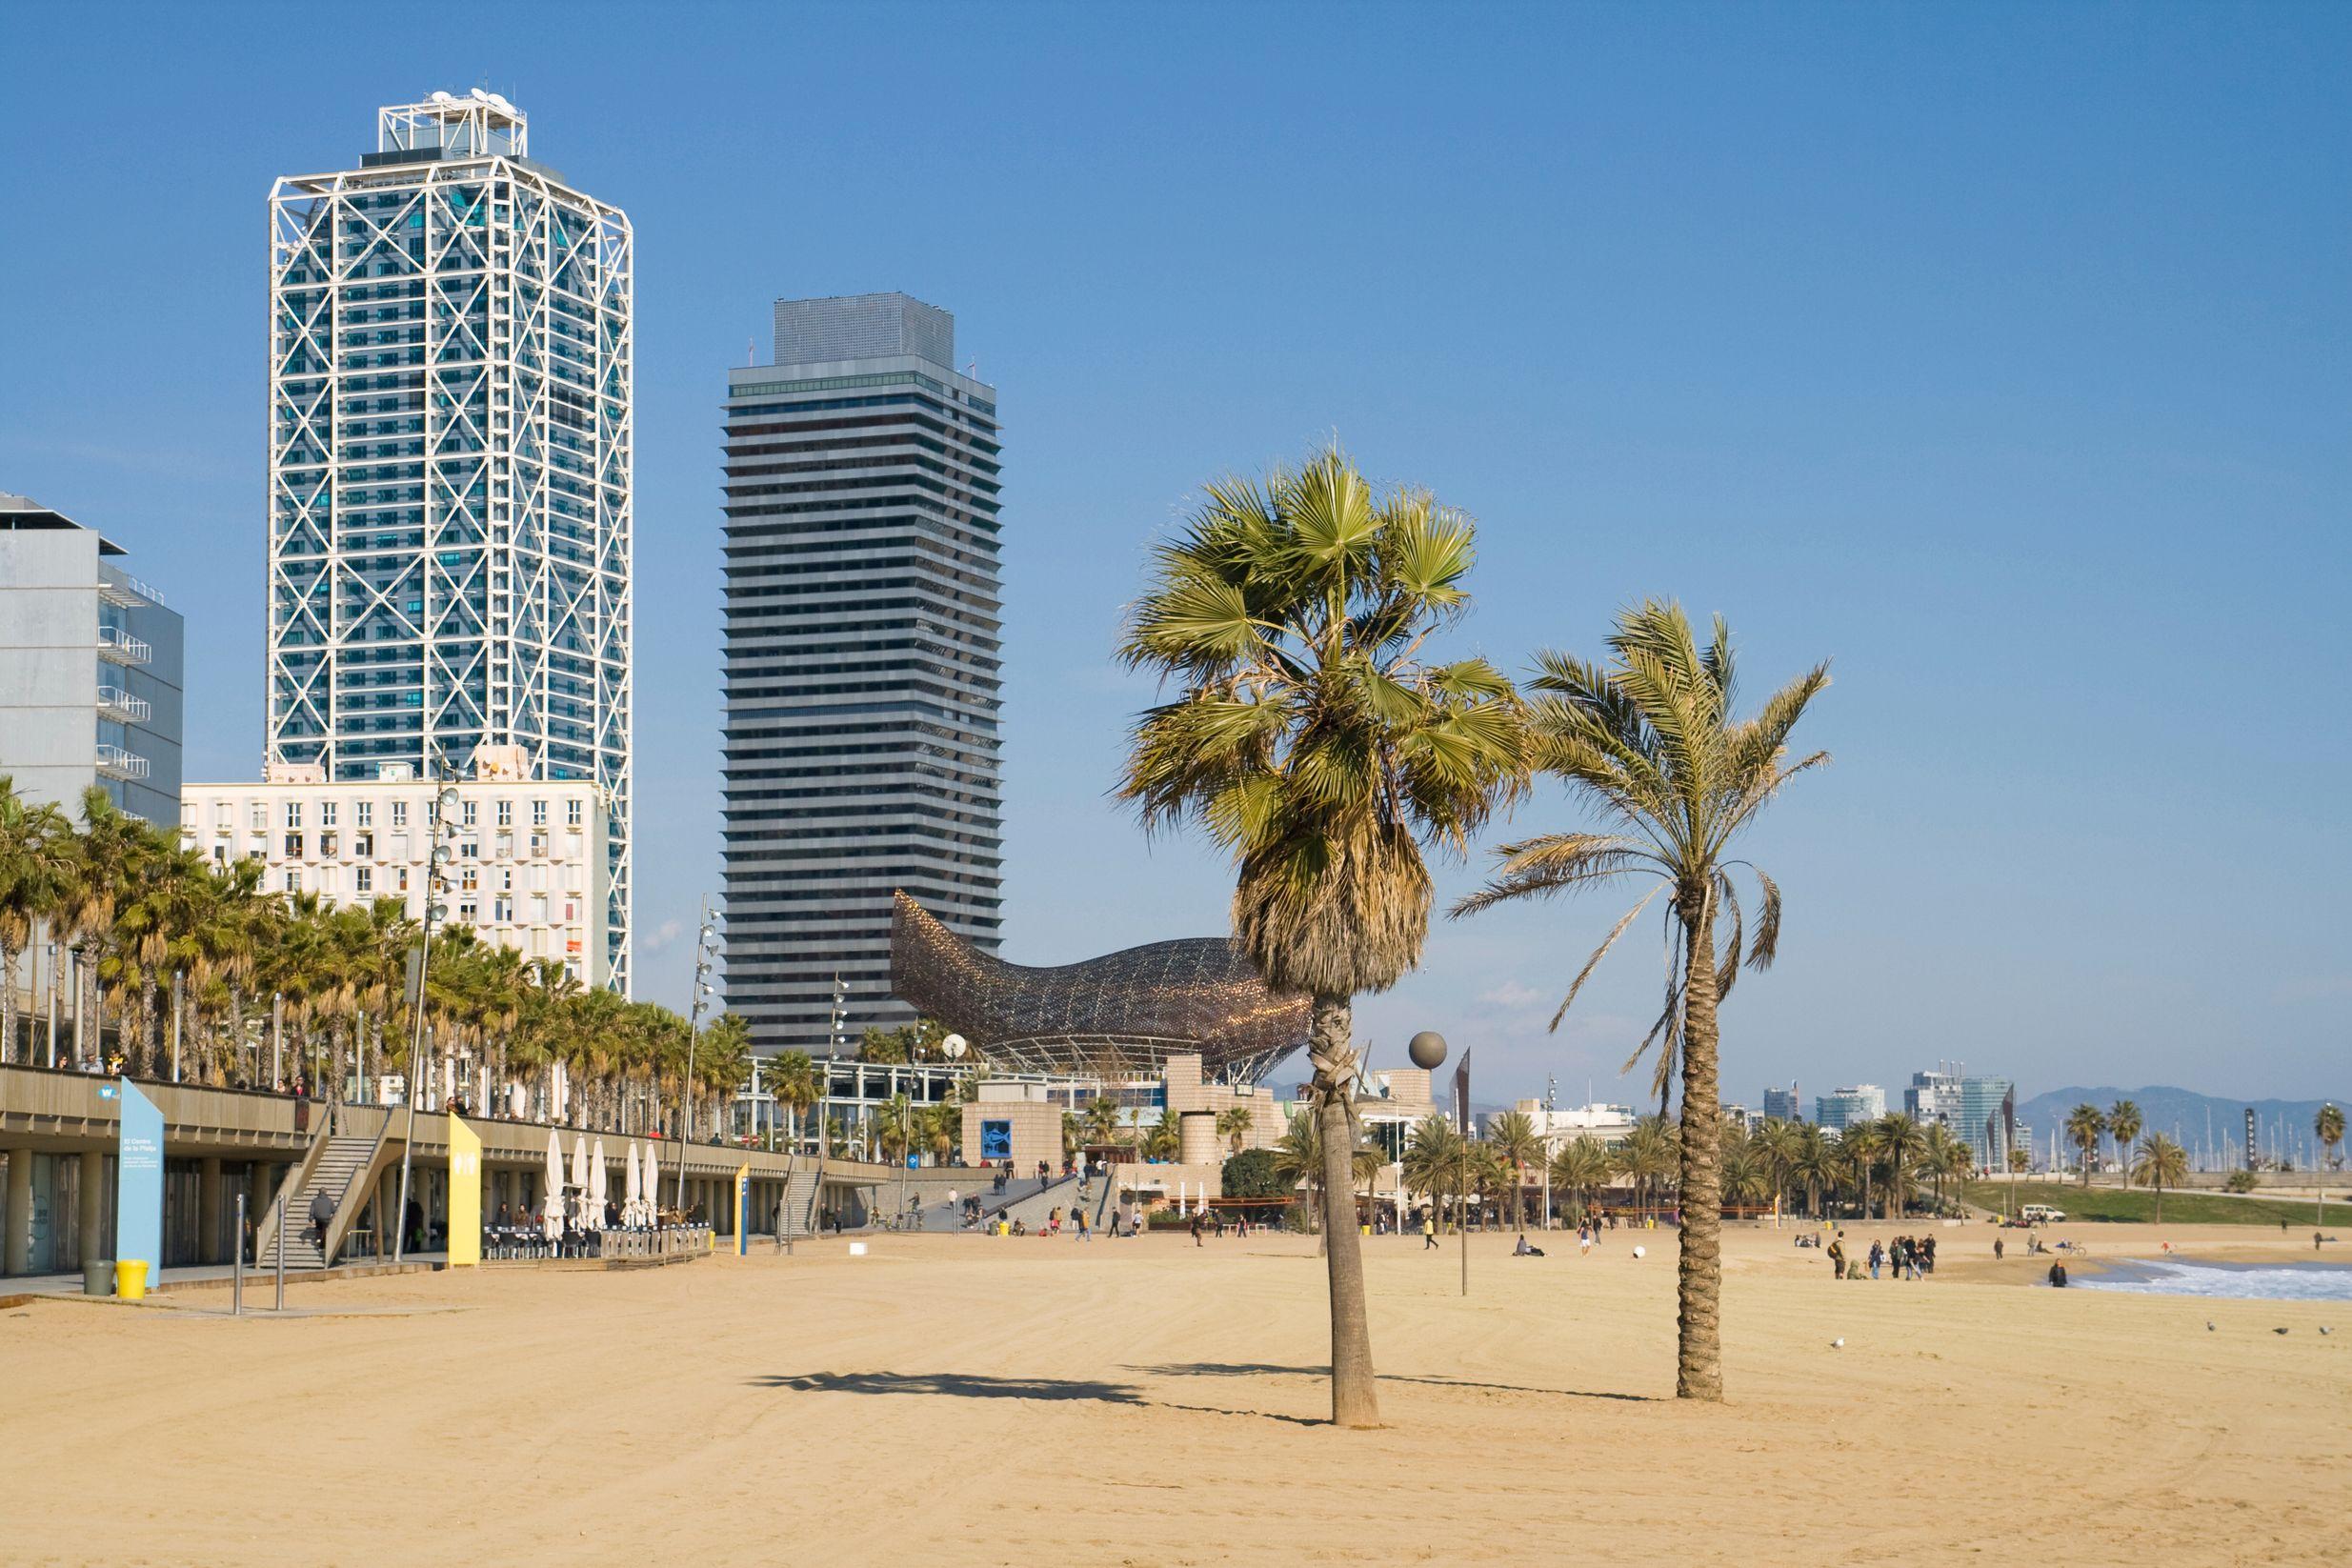 Barcelona beach - 5 best weekend breaks for studens